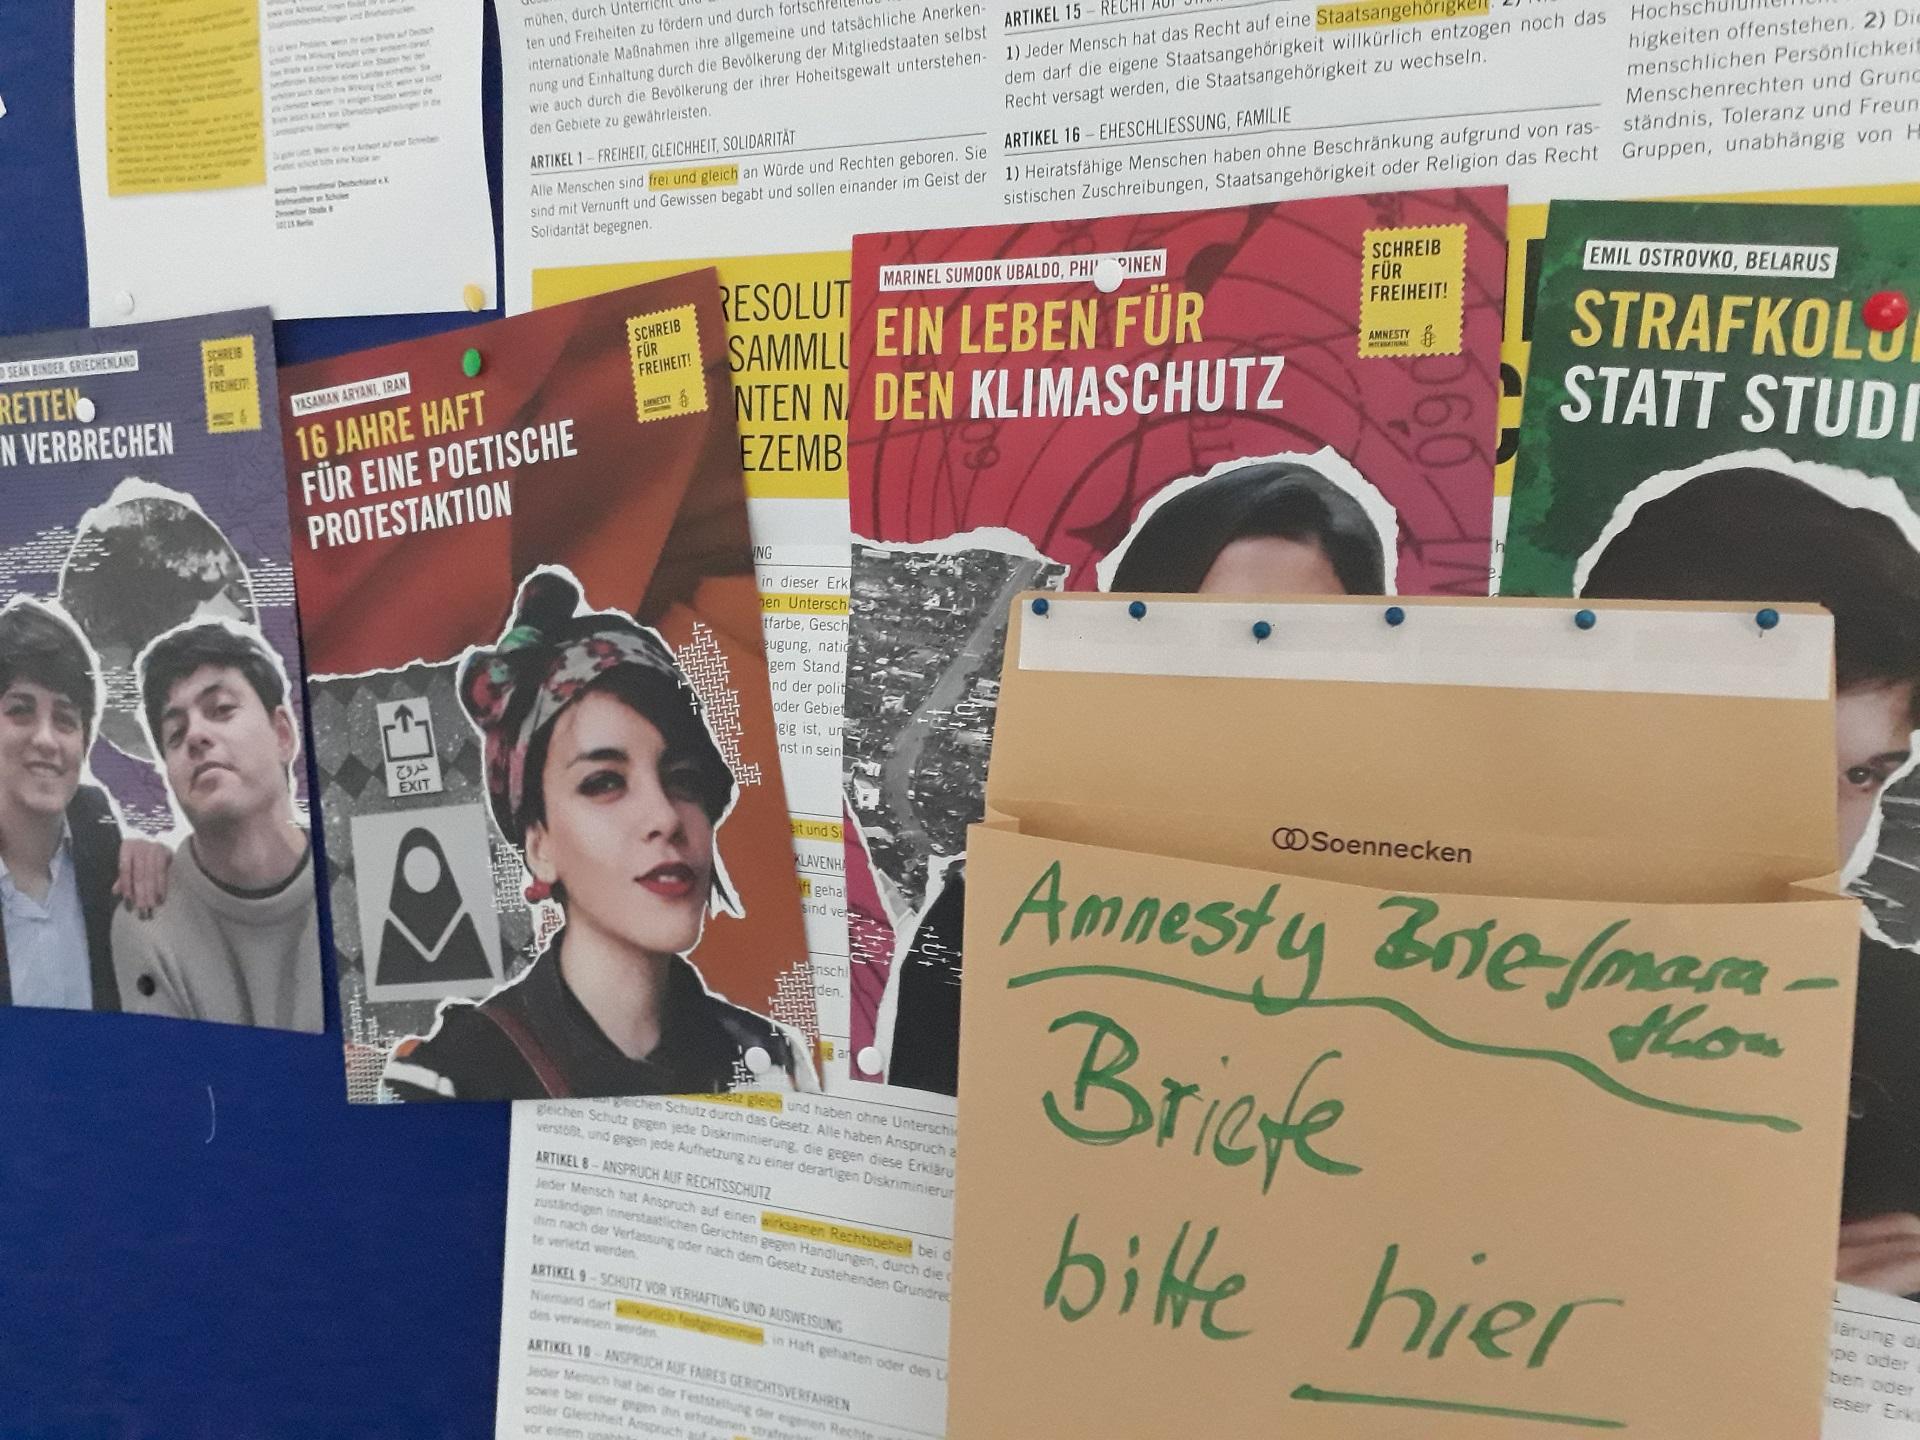 """Aktionswoche """"Schreib für Freiheit! – Briefmarathon von Amnesty International rund um den Tag der Menschenrechte (Foto: Dr. G. Hoffmann)"""